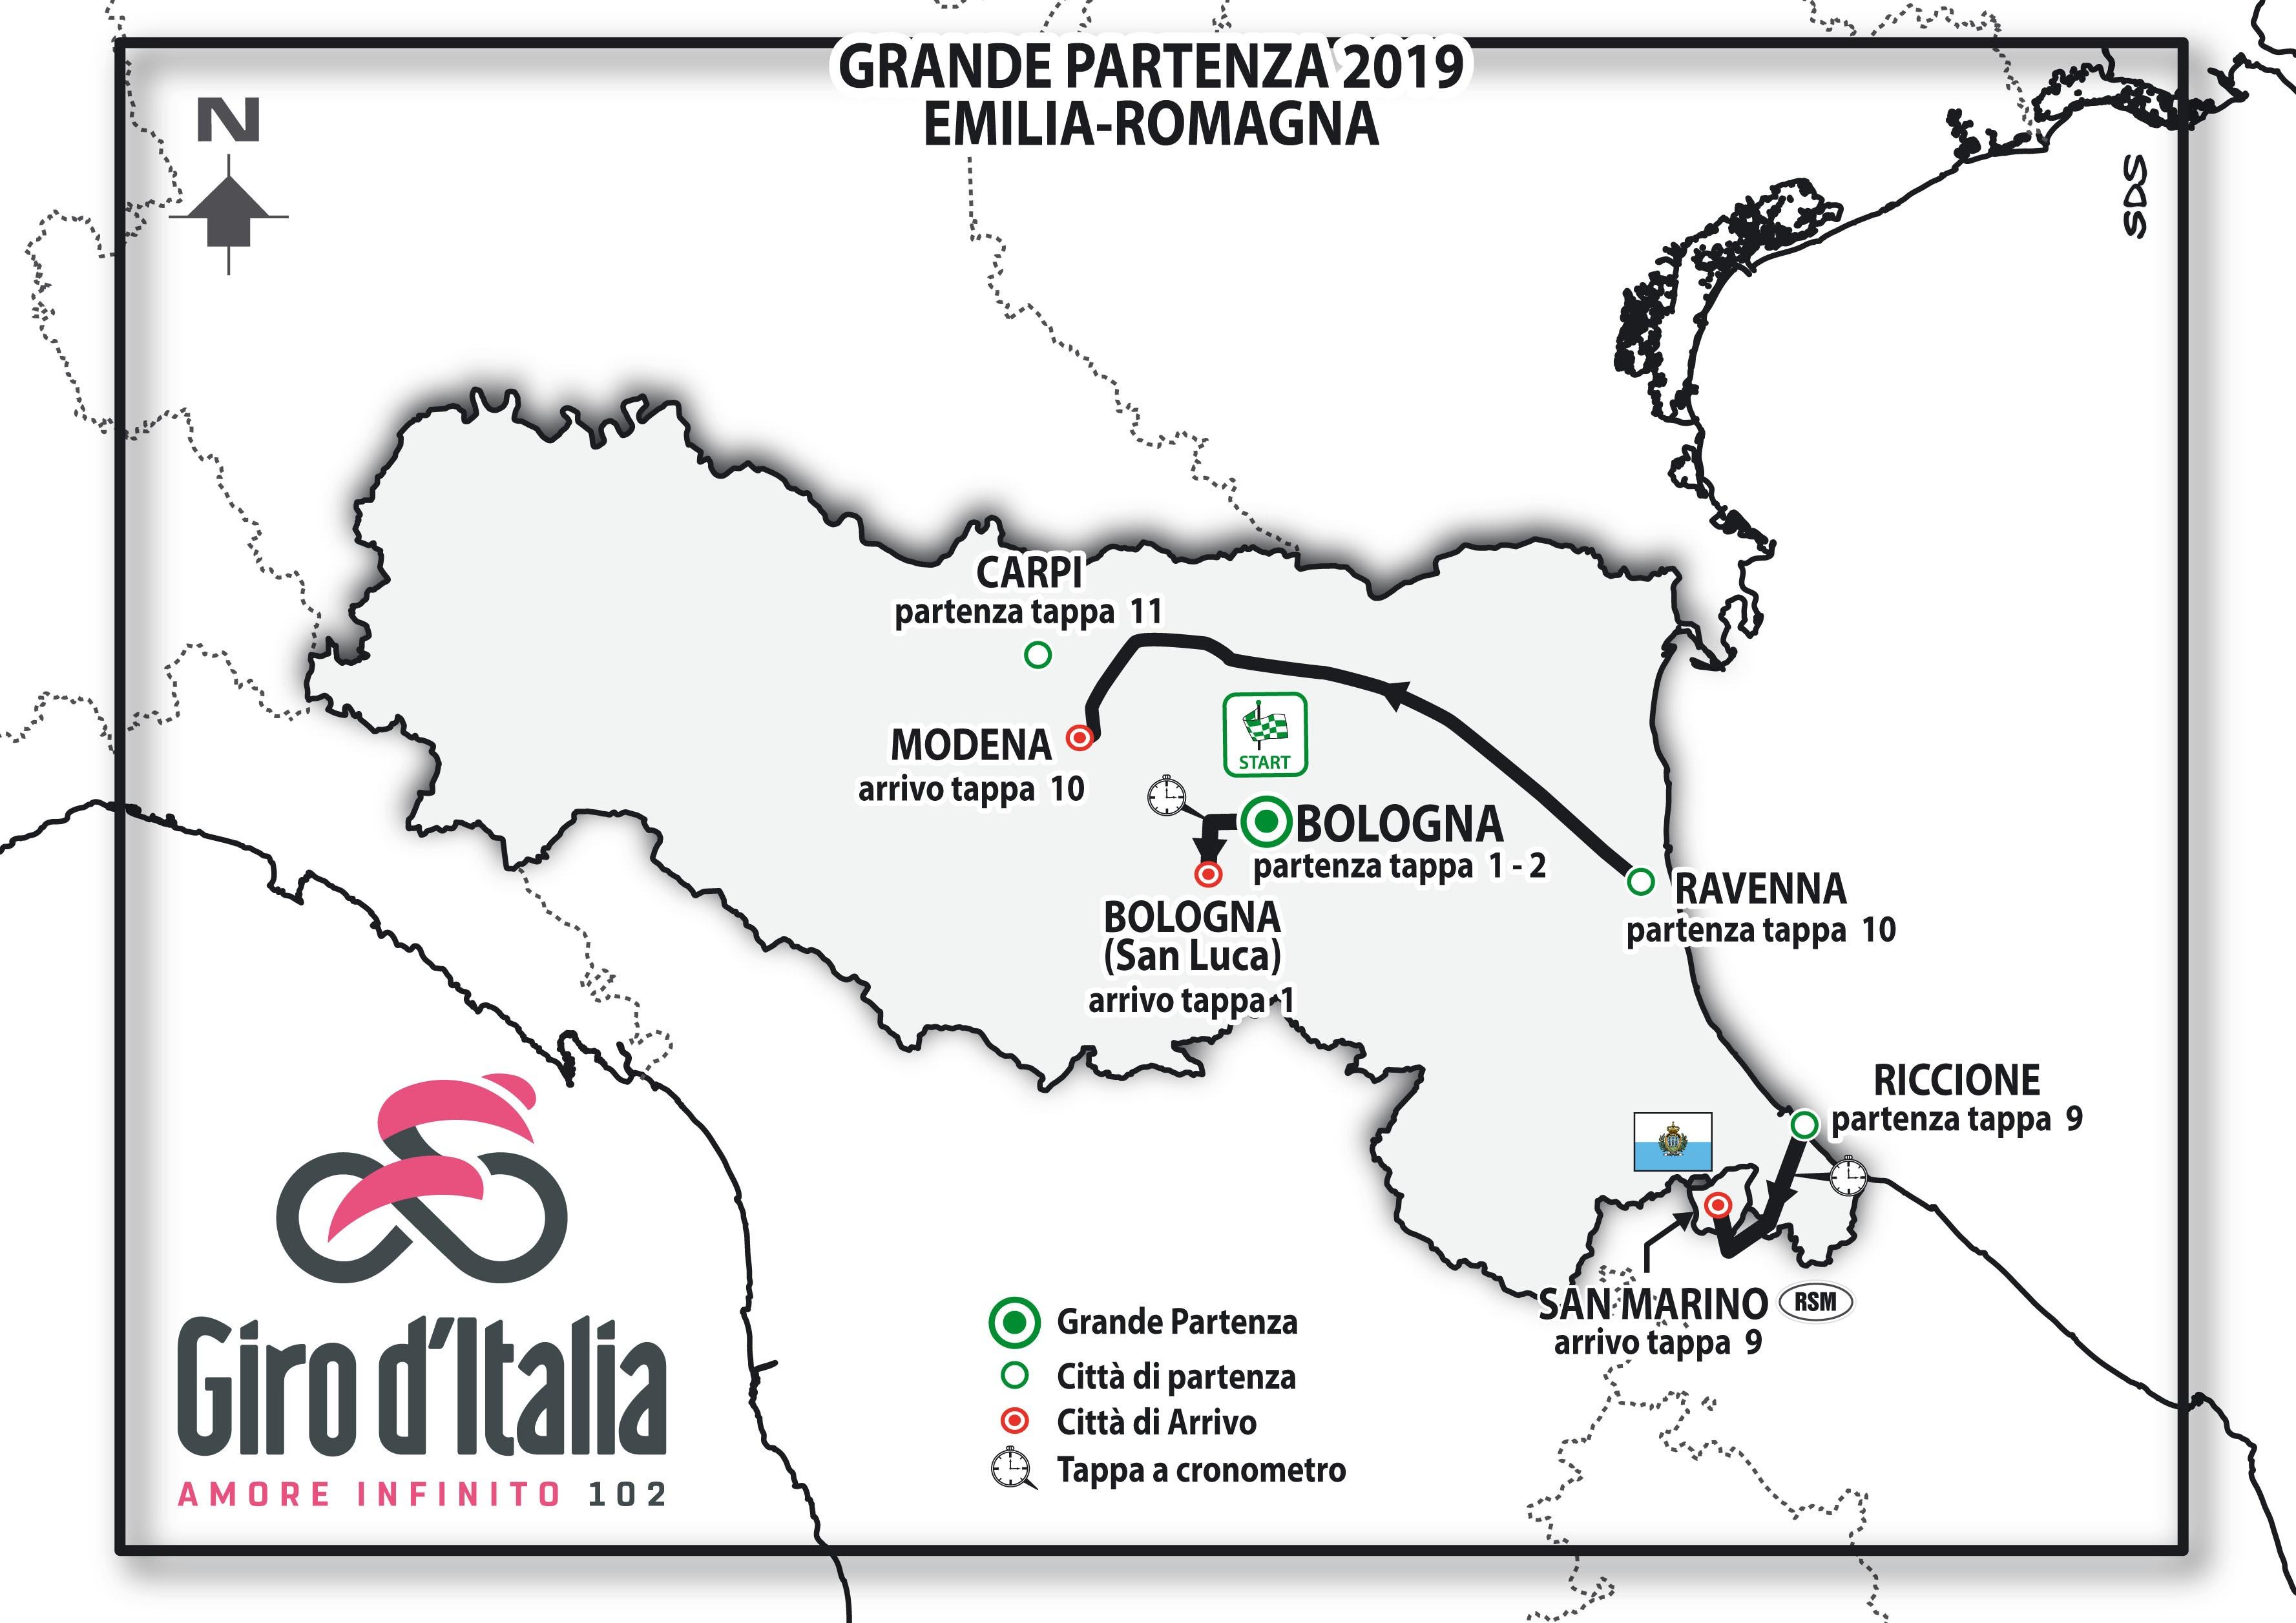 Il Giro d'Italia 2019 sceglie l'Emilia-Romagna